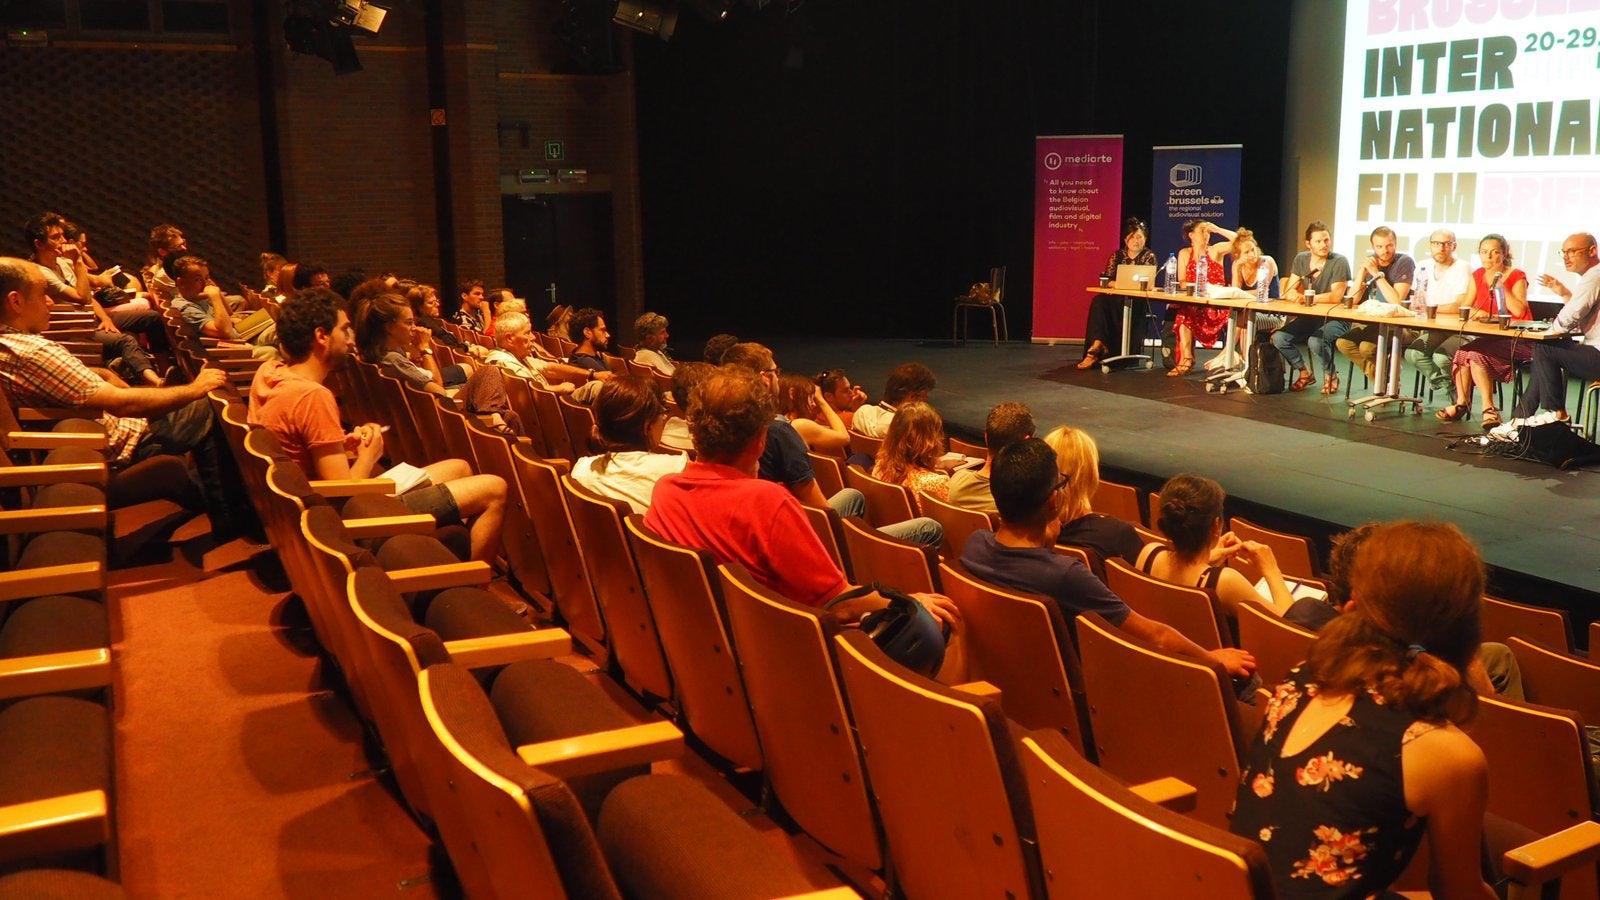 Debat over de arbeidsvoorwaarden in de audiovisuele sector